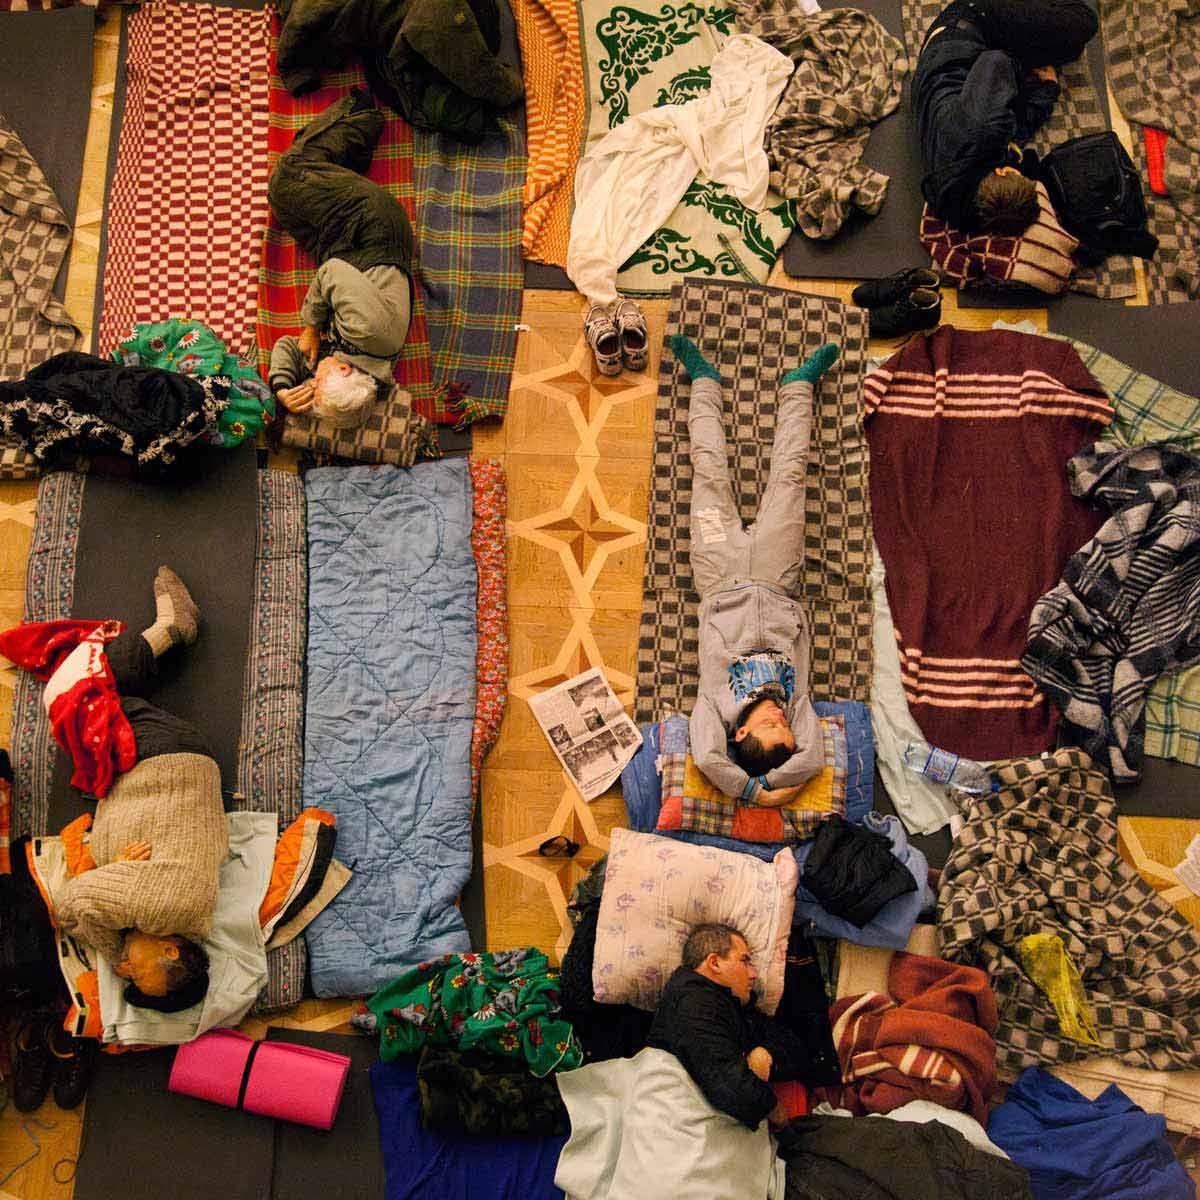 Euromaidan. Protestors napping